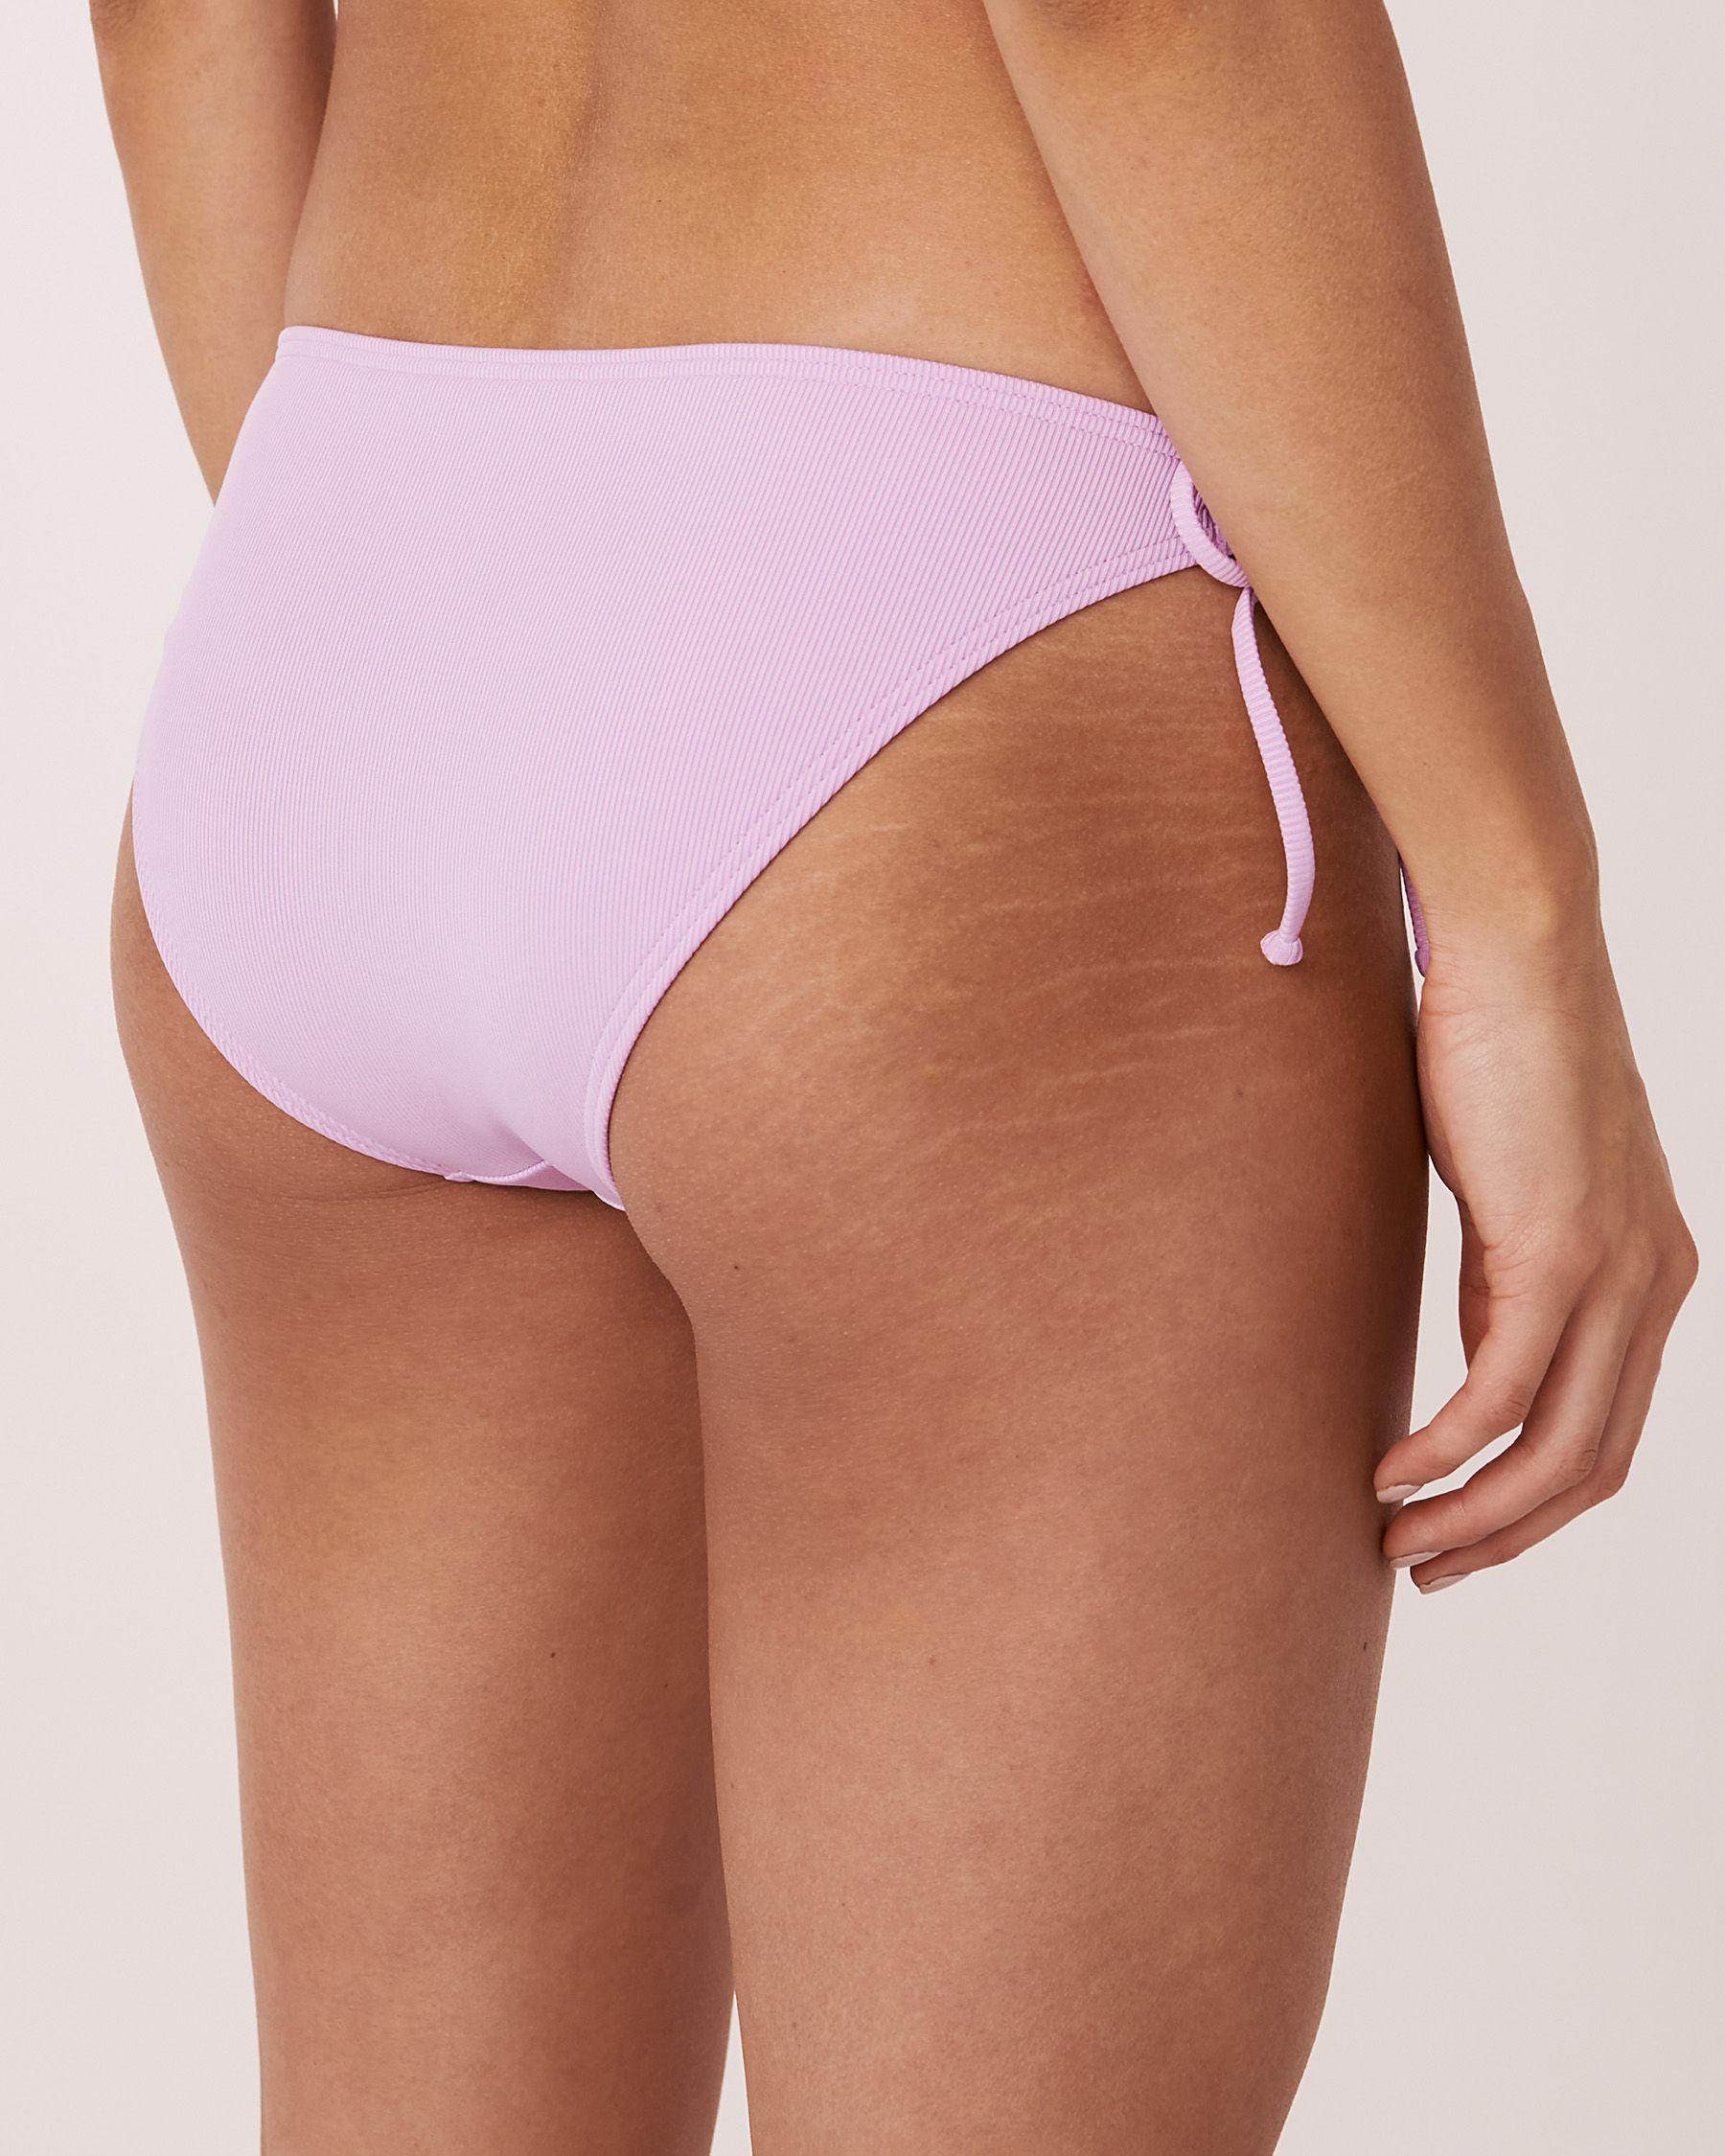 AQUAROSE Bas de bikini brésilien en fibres recyclées SOLID RIB Lilas 70300052 - Voir2